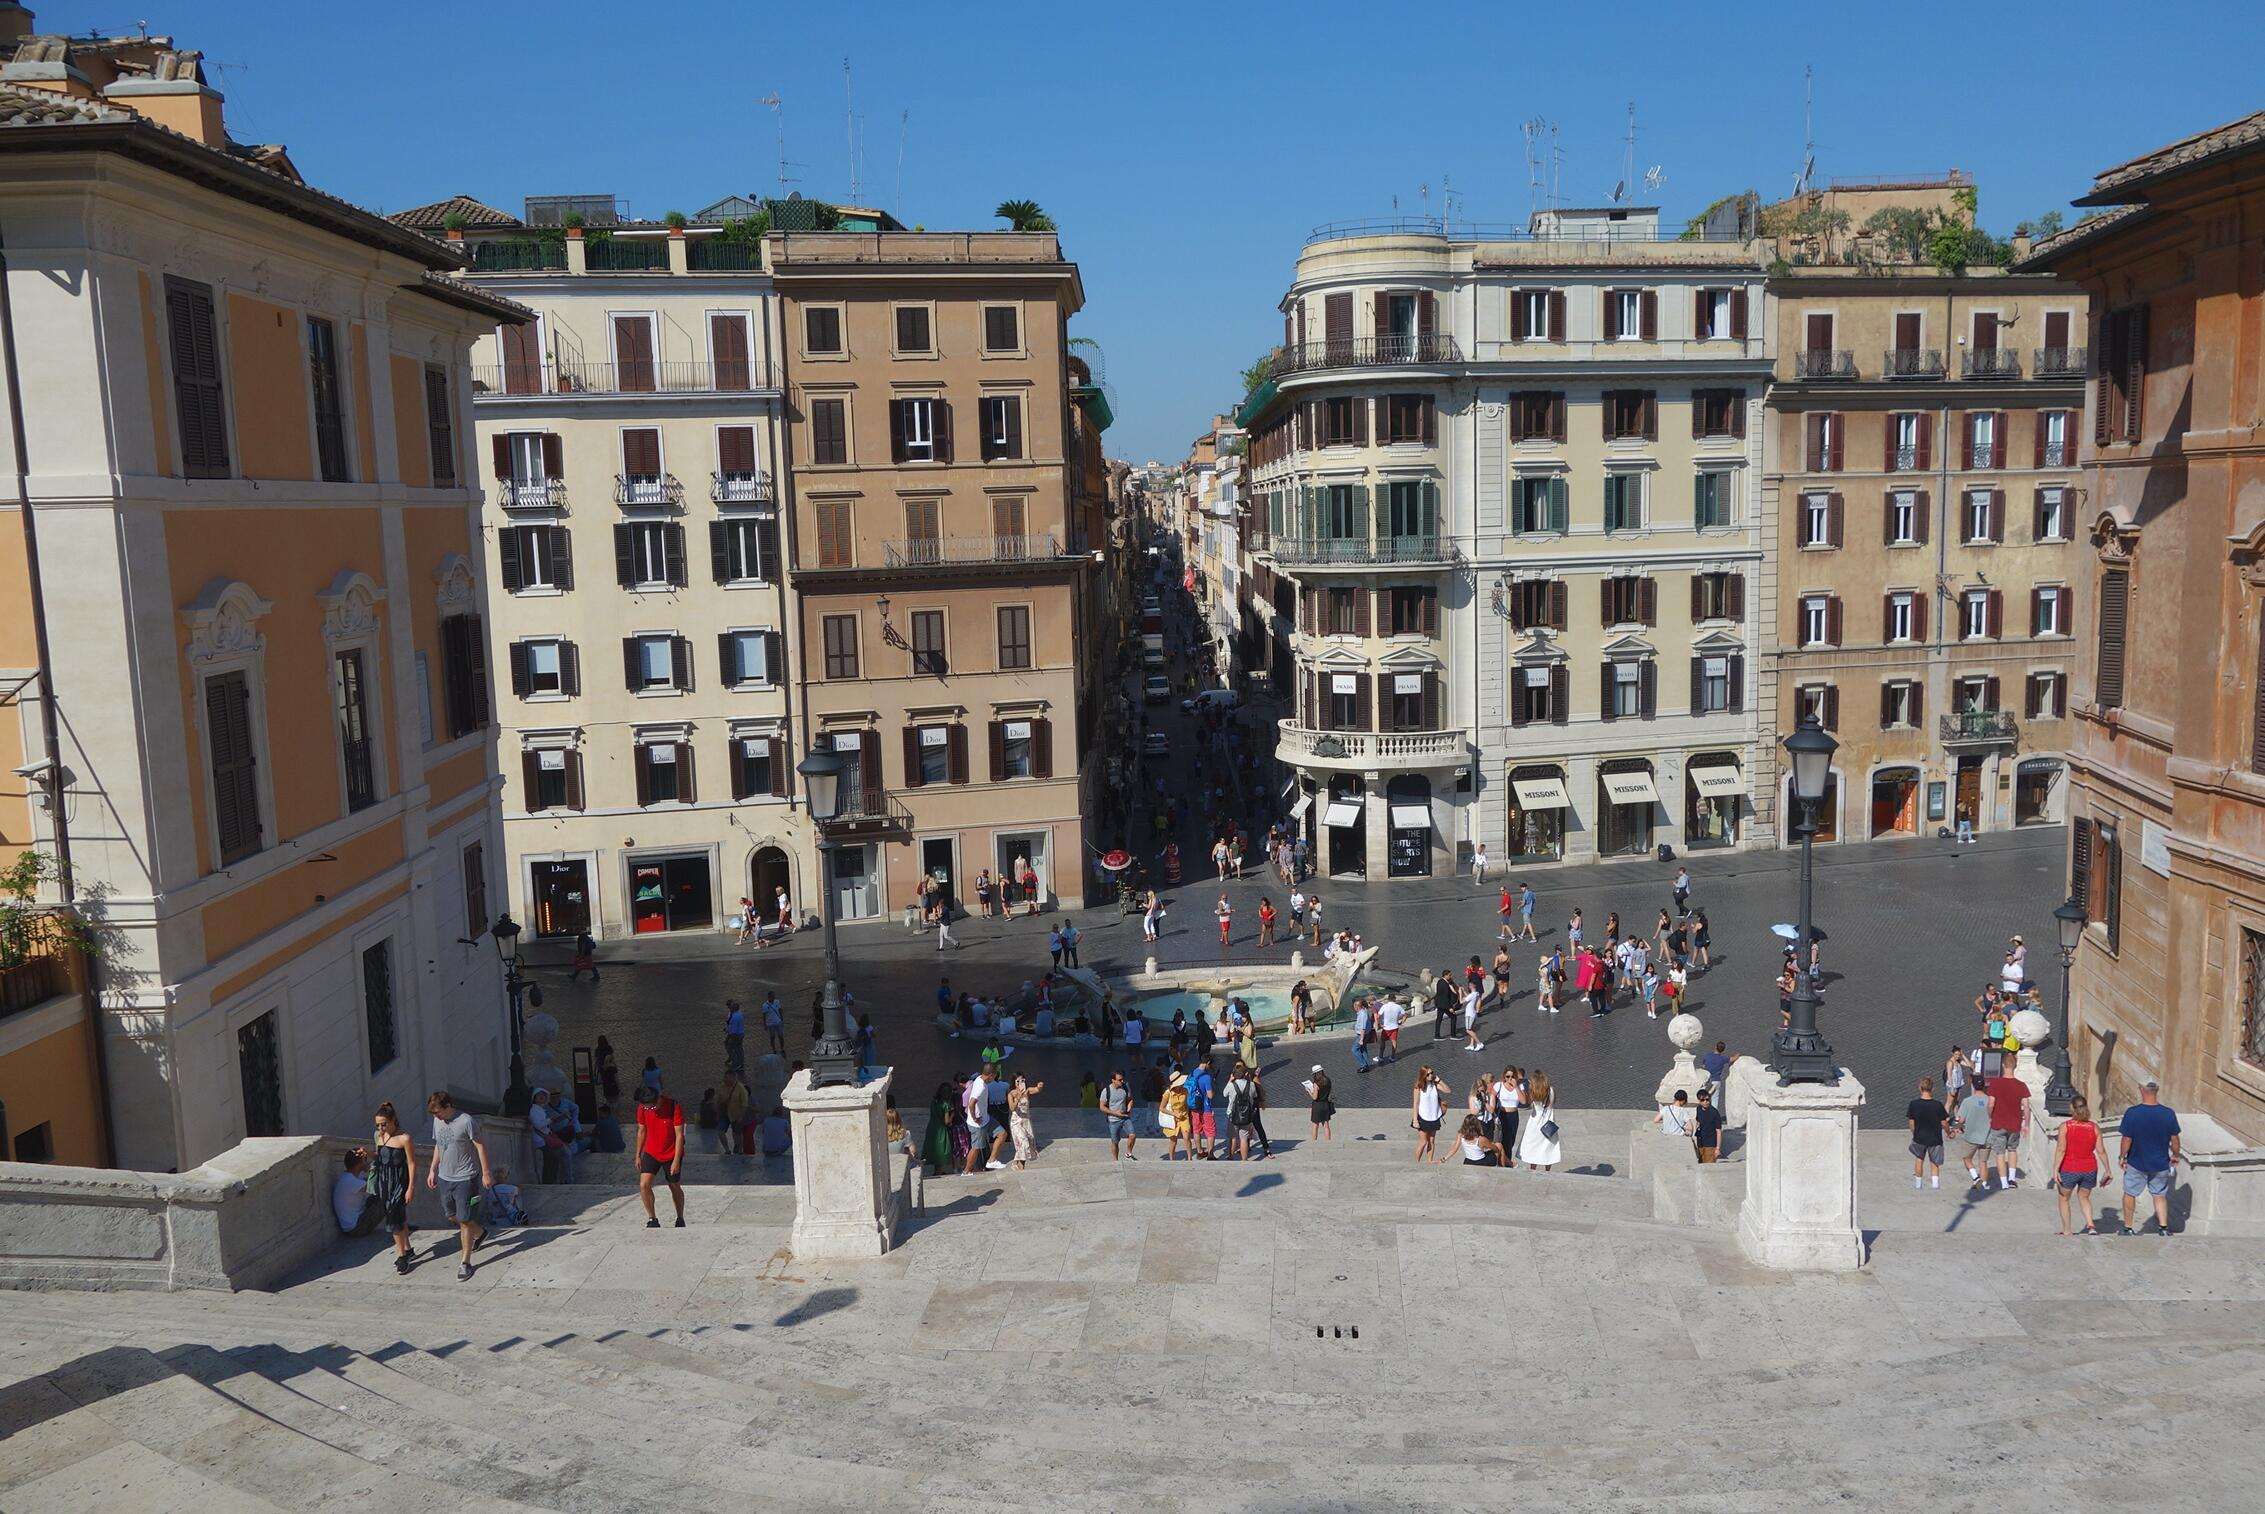 名作过眼:贝尔尼尼的喷泉雕塑21.jpg